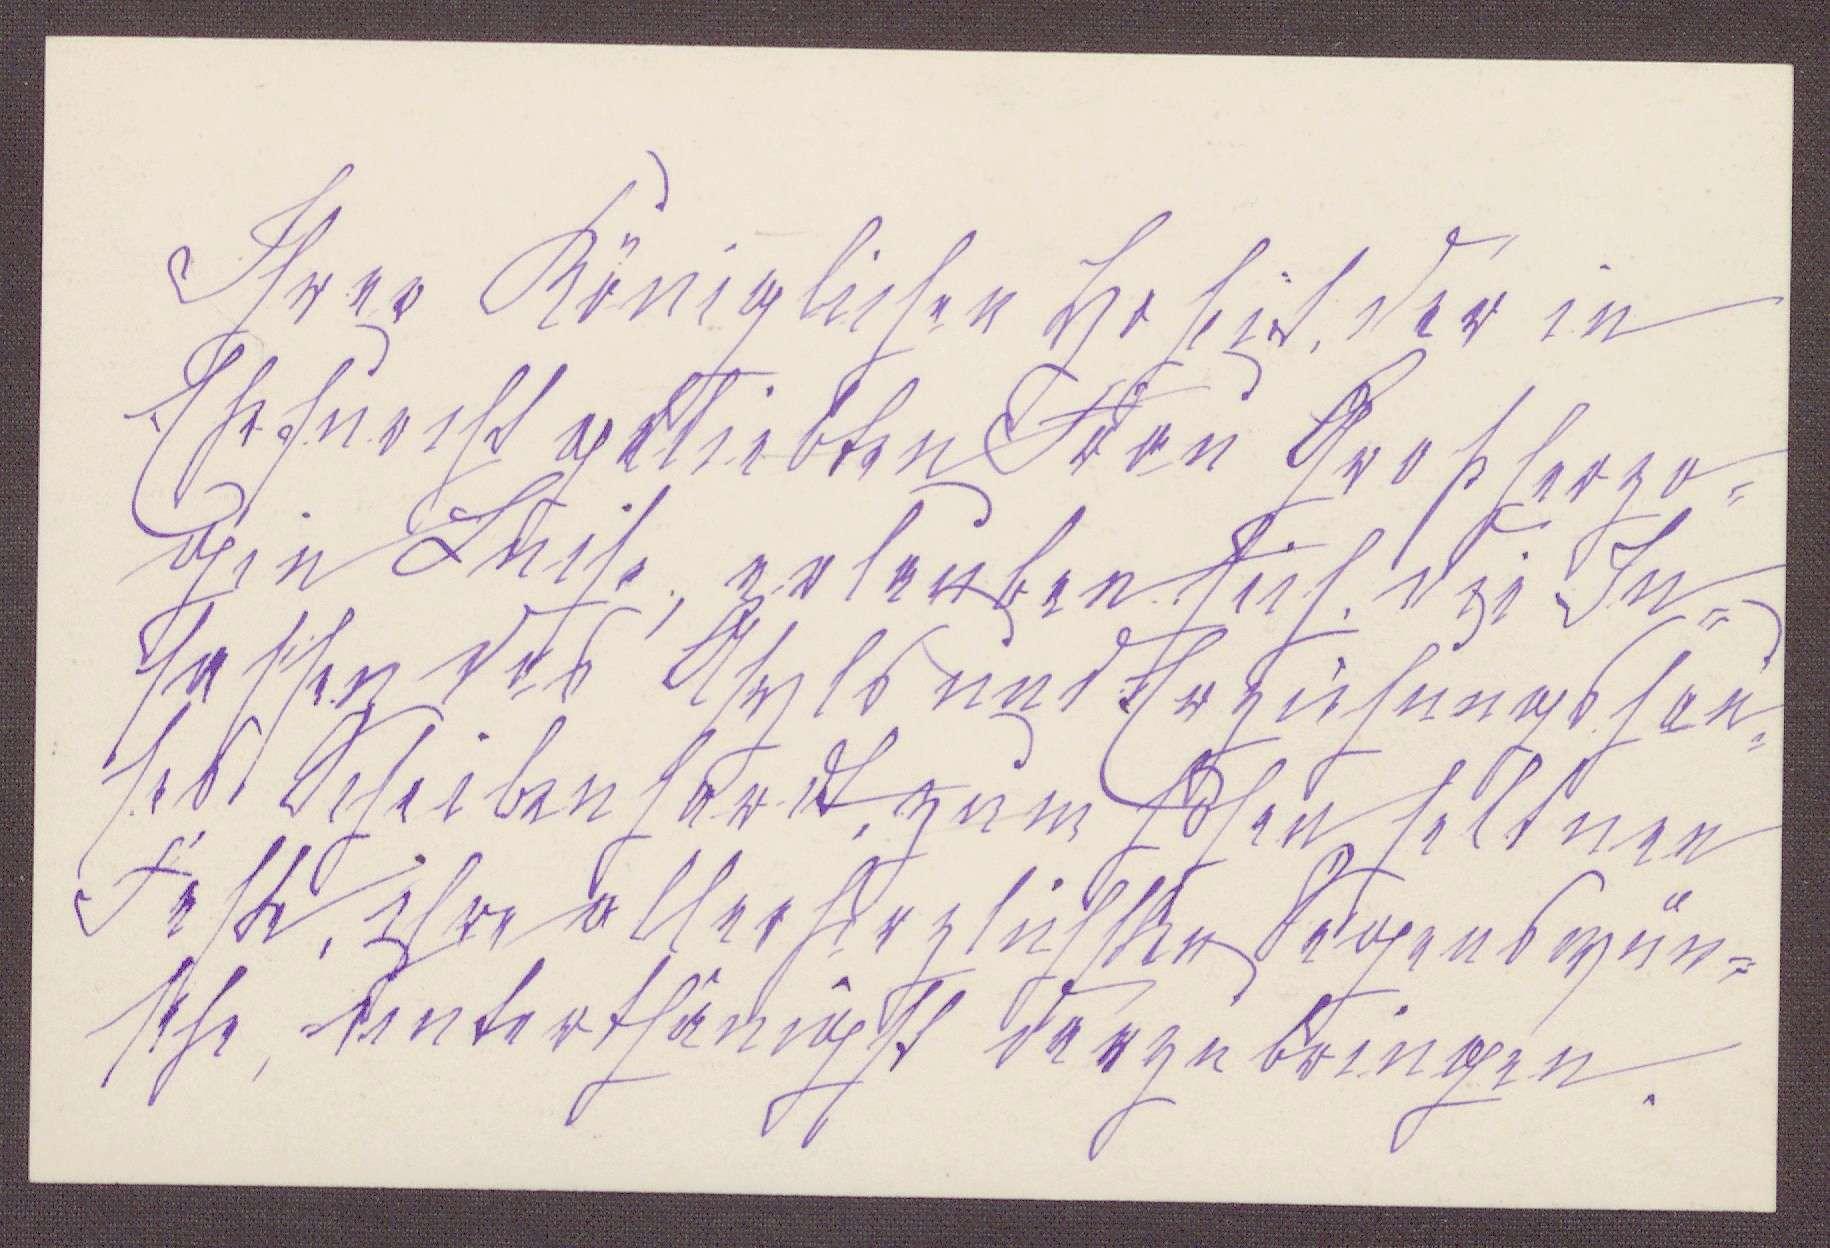 Karte von Anna Haas an die Großherzogin Luise; Segenswünsche für die Großherzogin, Bild 1